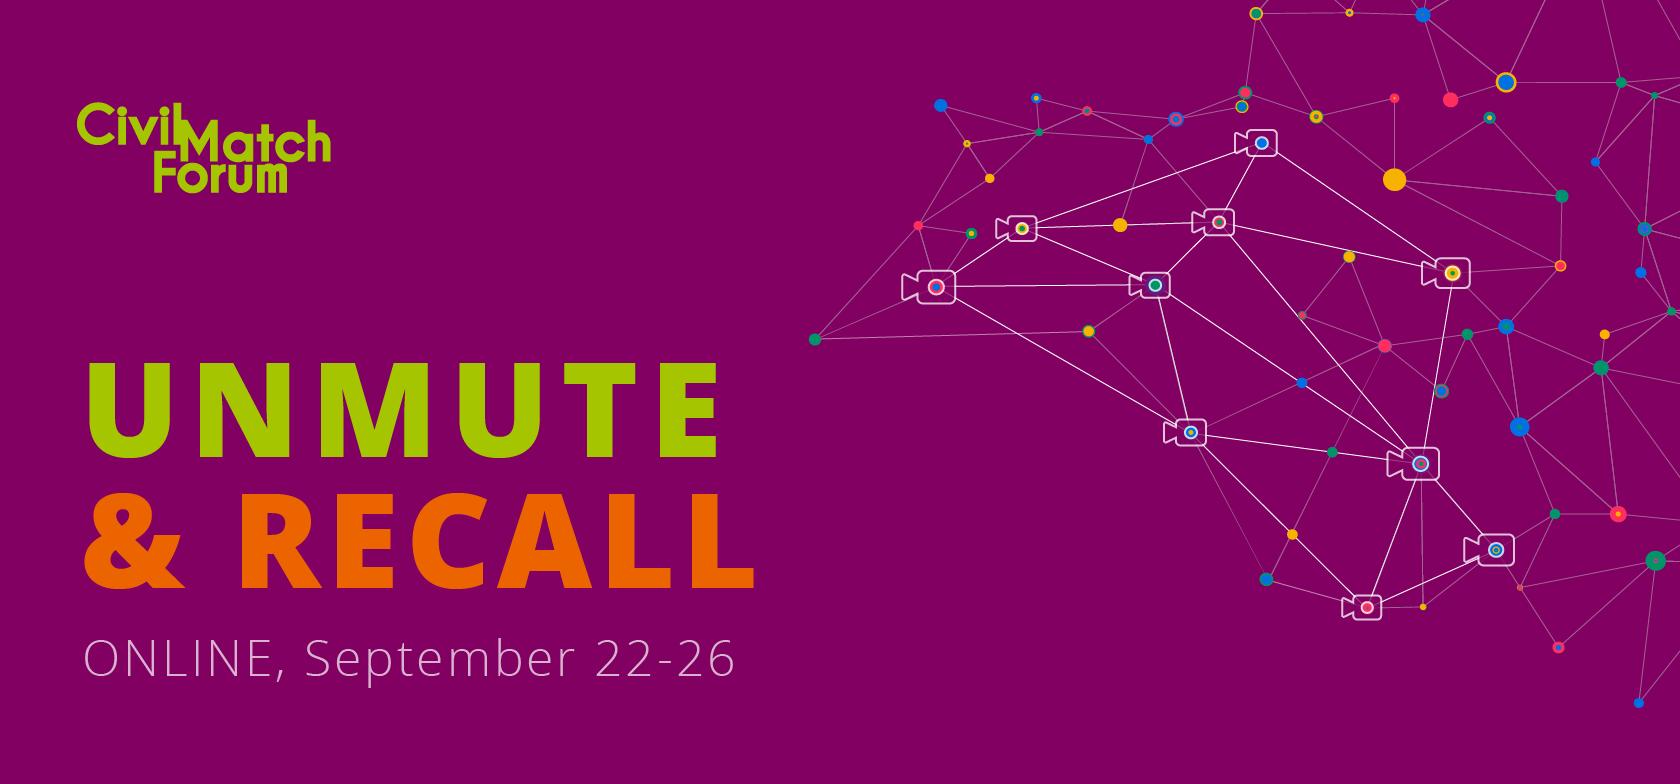 Das Civil Match Forum ist zurück! Registriere dich jetzt und mach dich bereit, dich zu entstummeln & zurückzurufen!